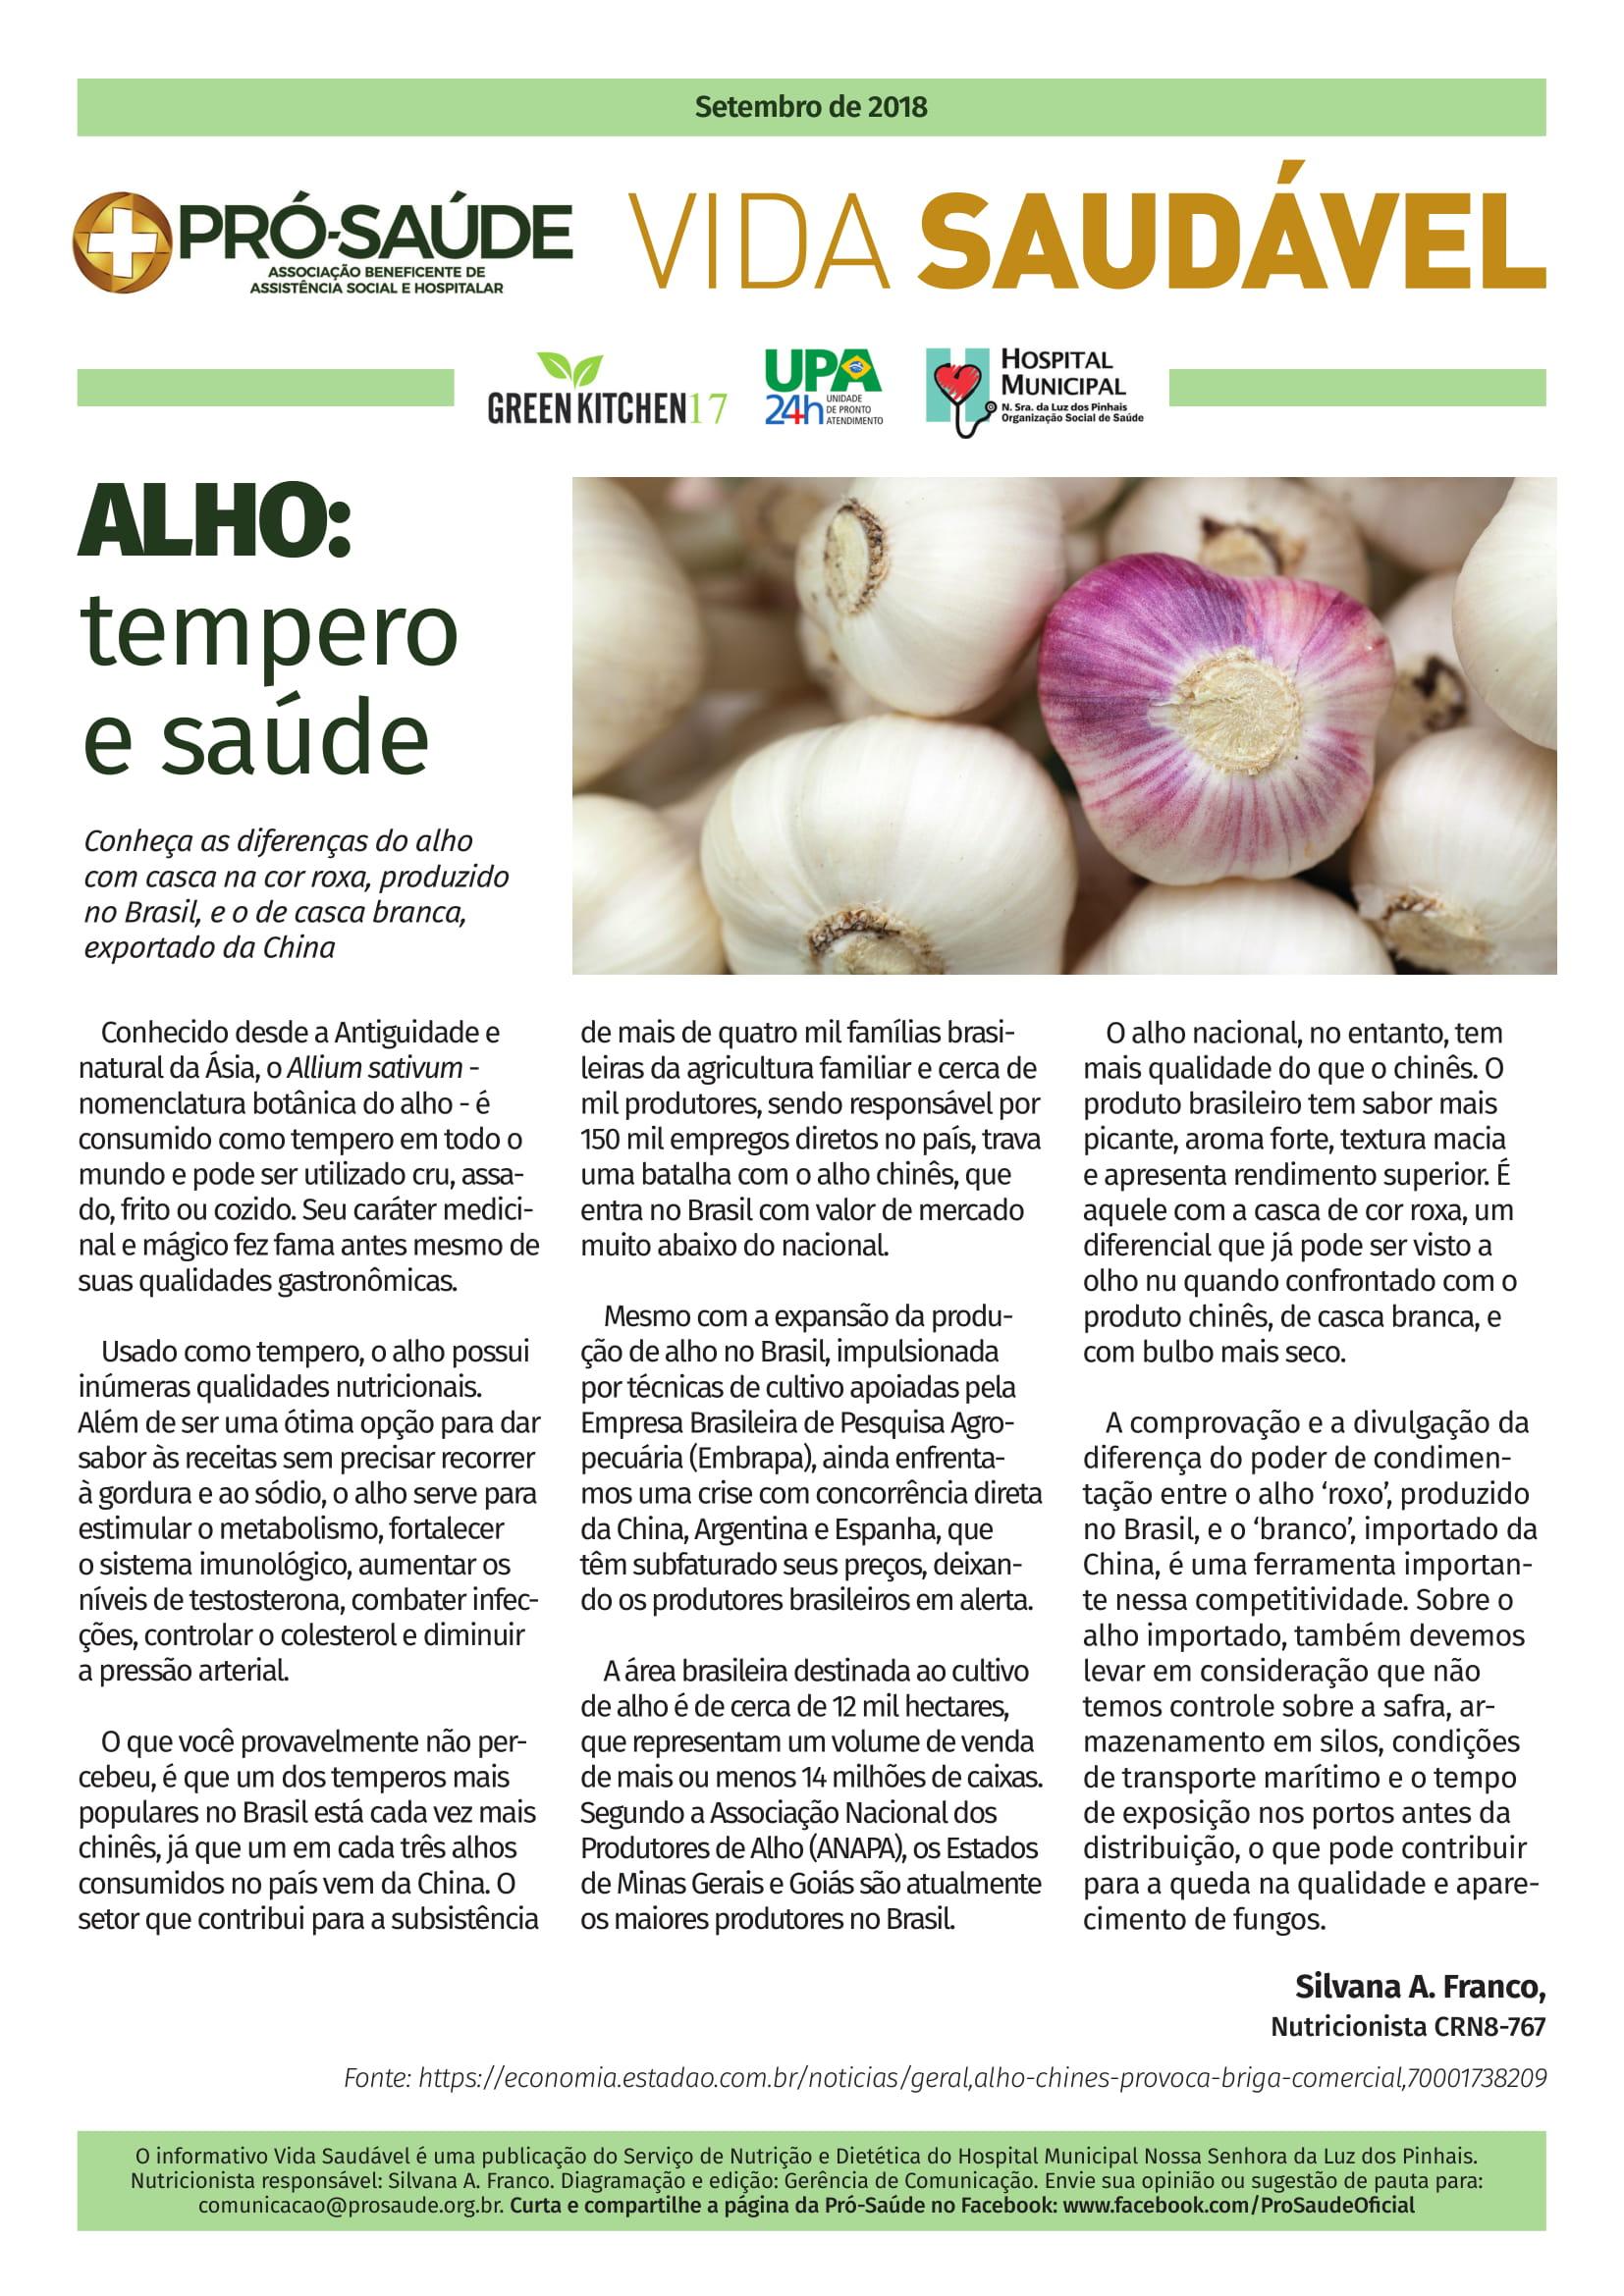 ALHO - TEMPERO E SAÚDE-1